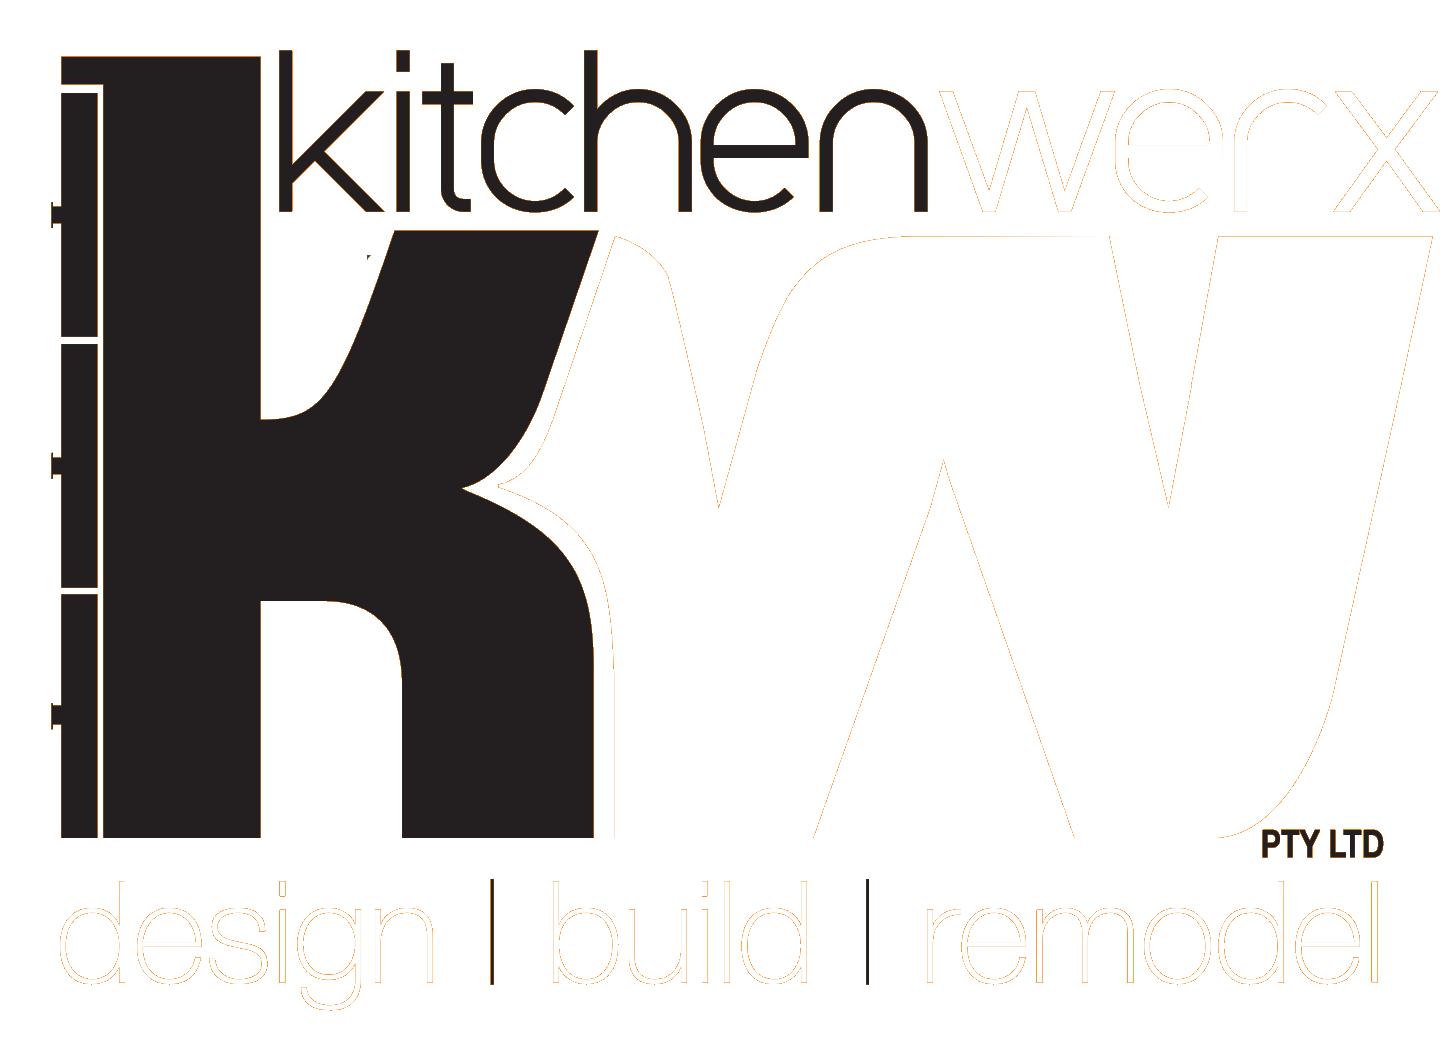 kitchenwerx-logo-bw